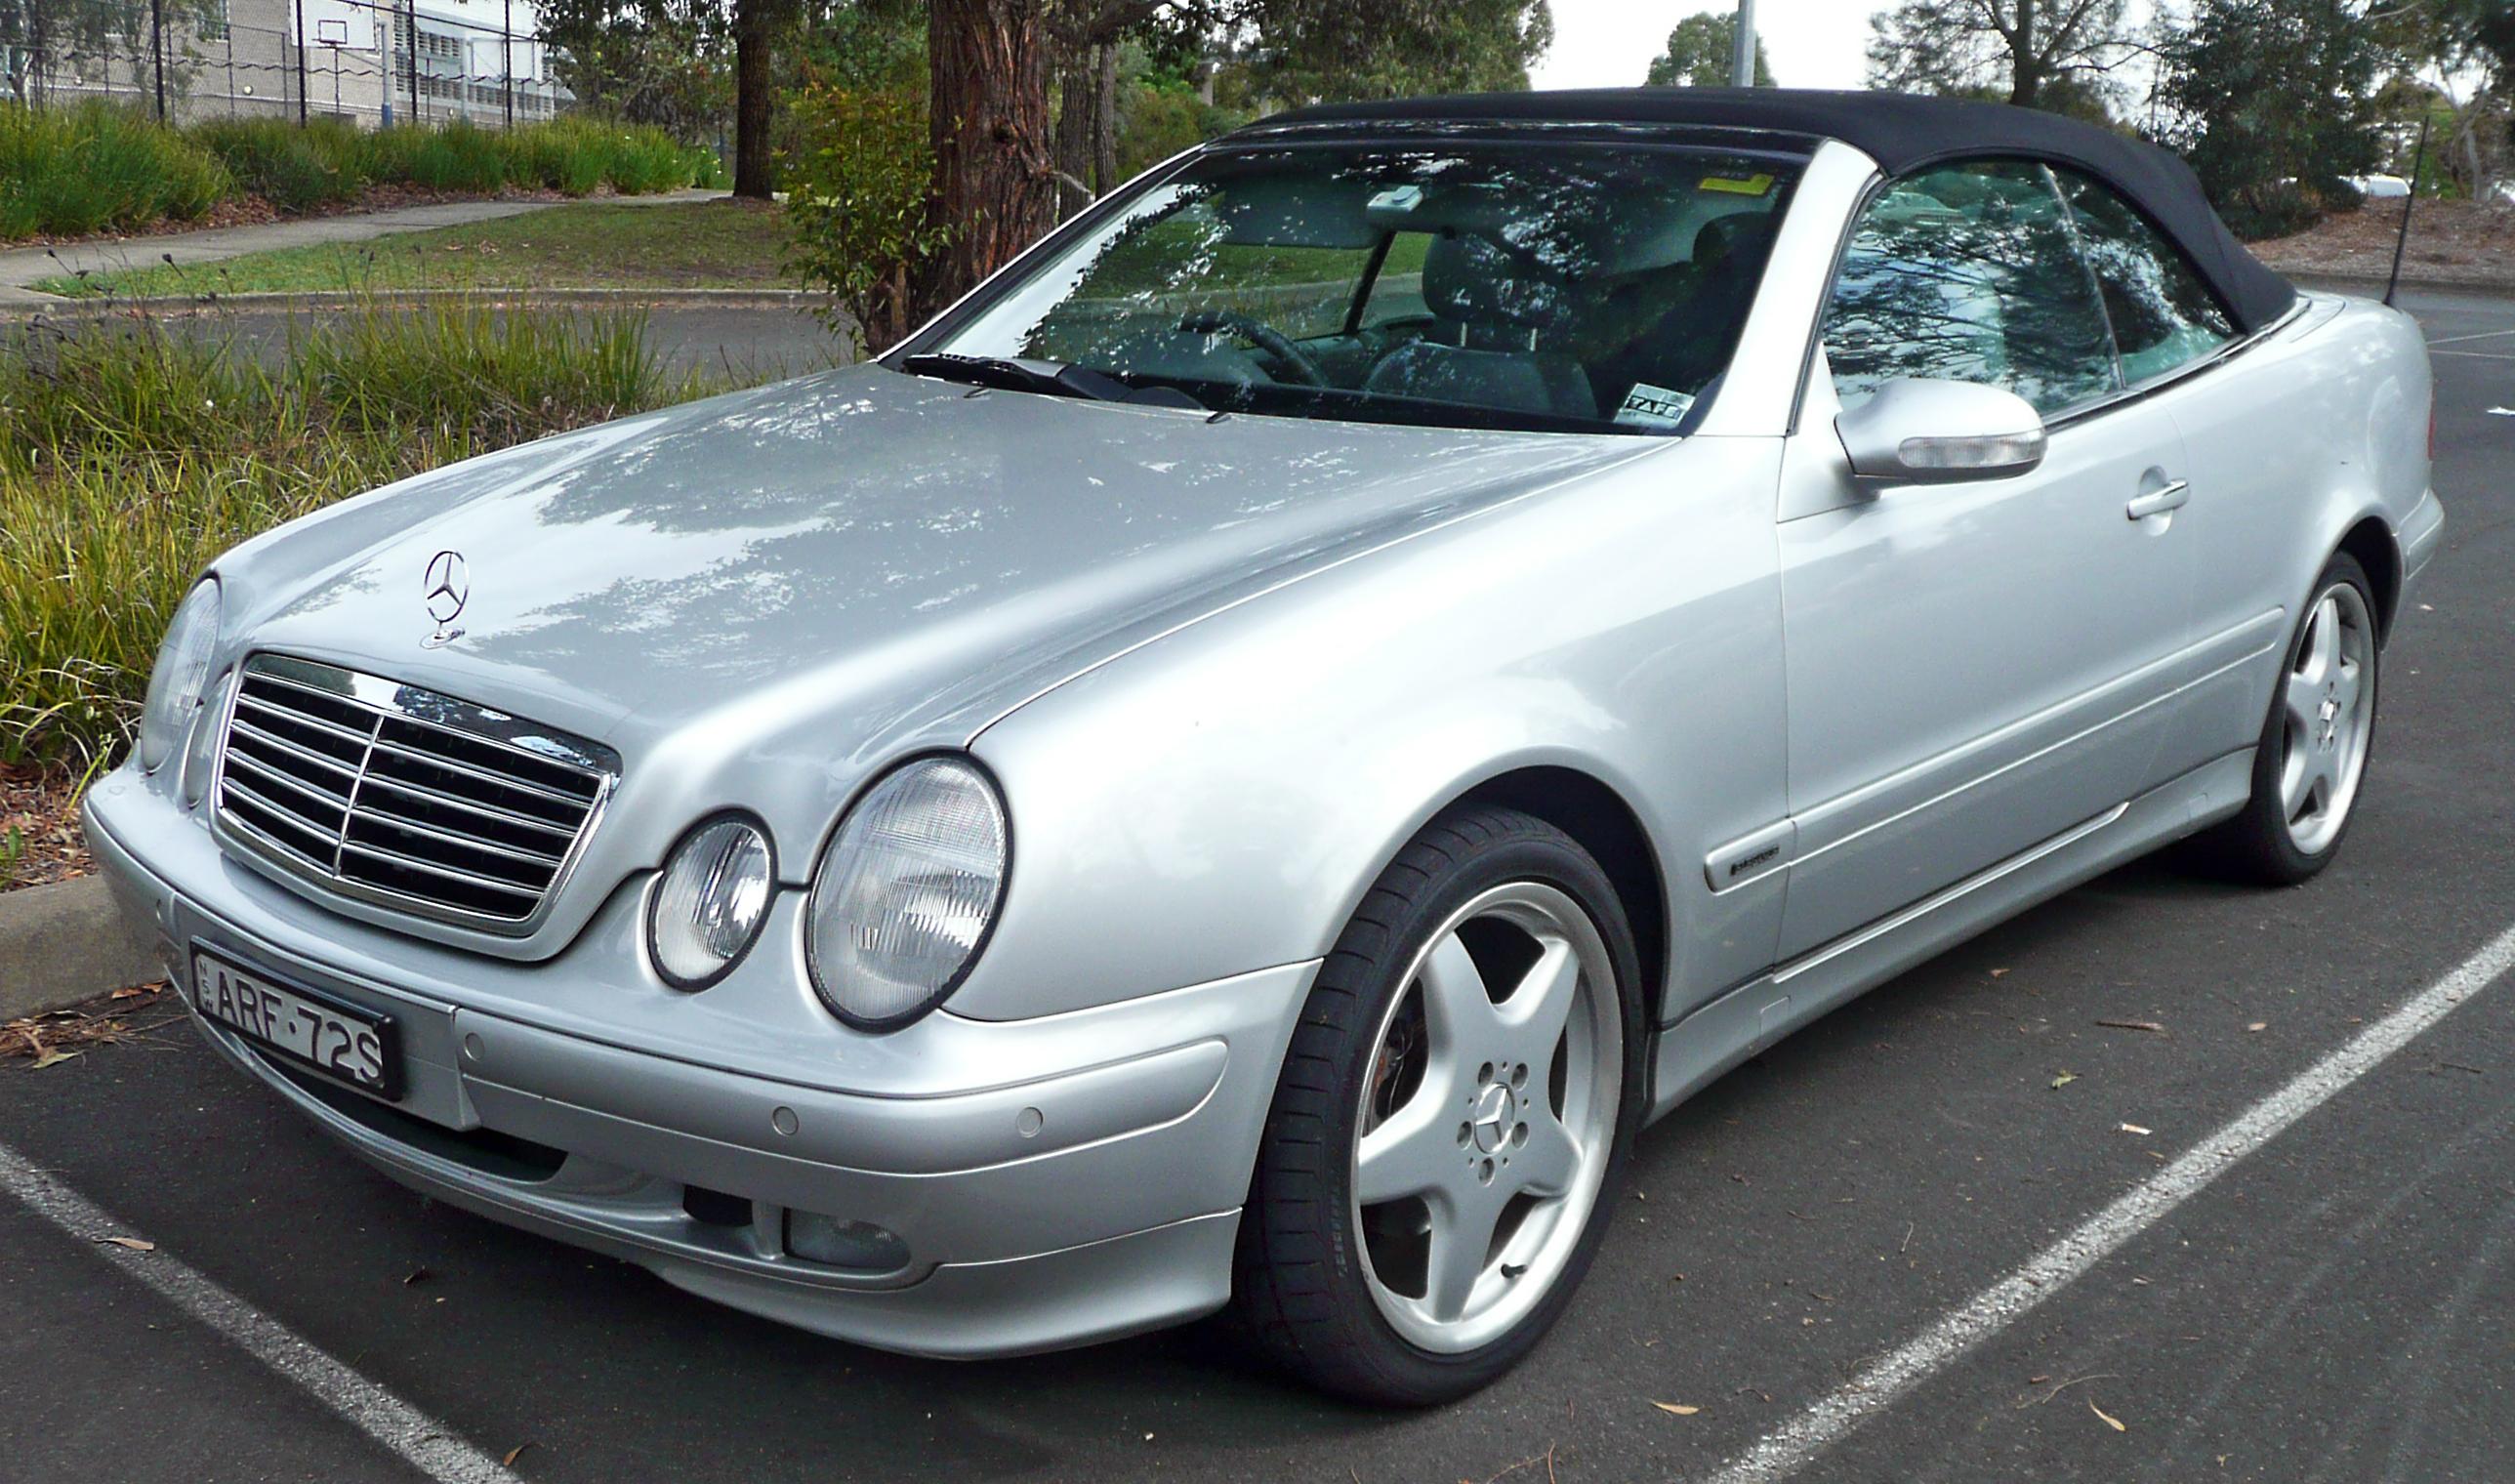 Mercedes benz w208 mercedes benz w208 for 2000 mercedes benz clk 320